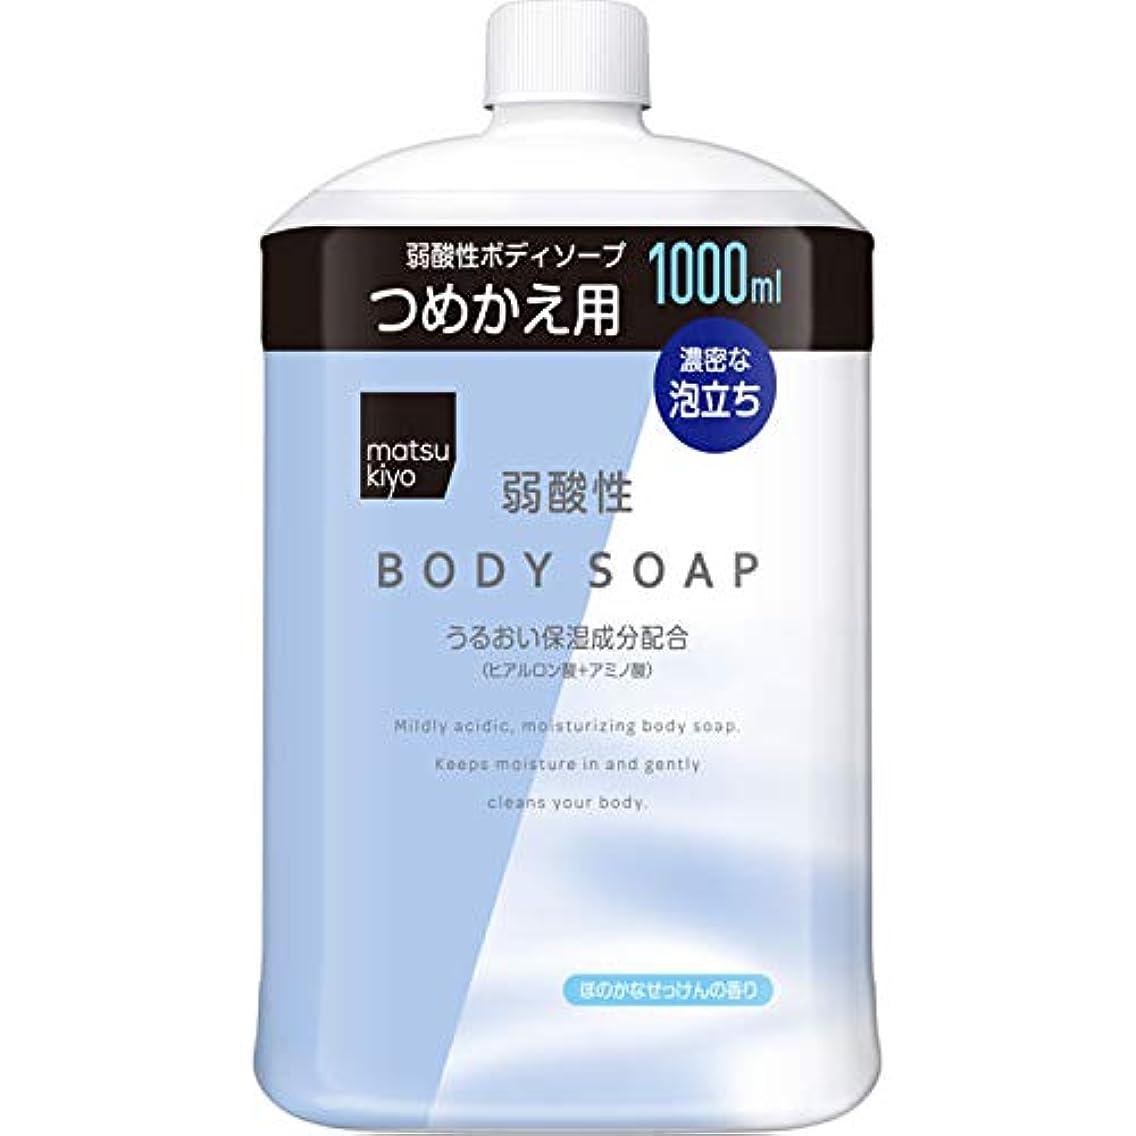 嫌悪しつけ血統matsukiyo 弱酸性ボディソープ 1000ml詰替ボトル